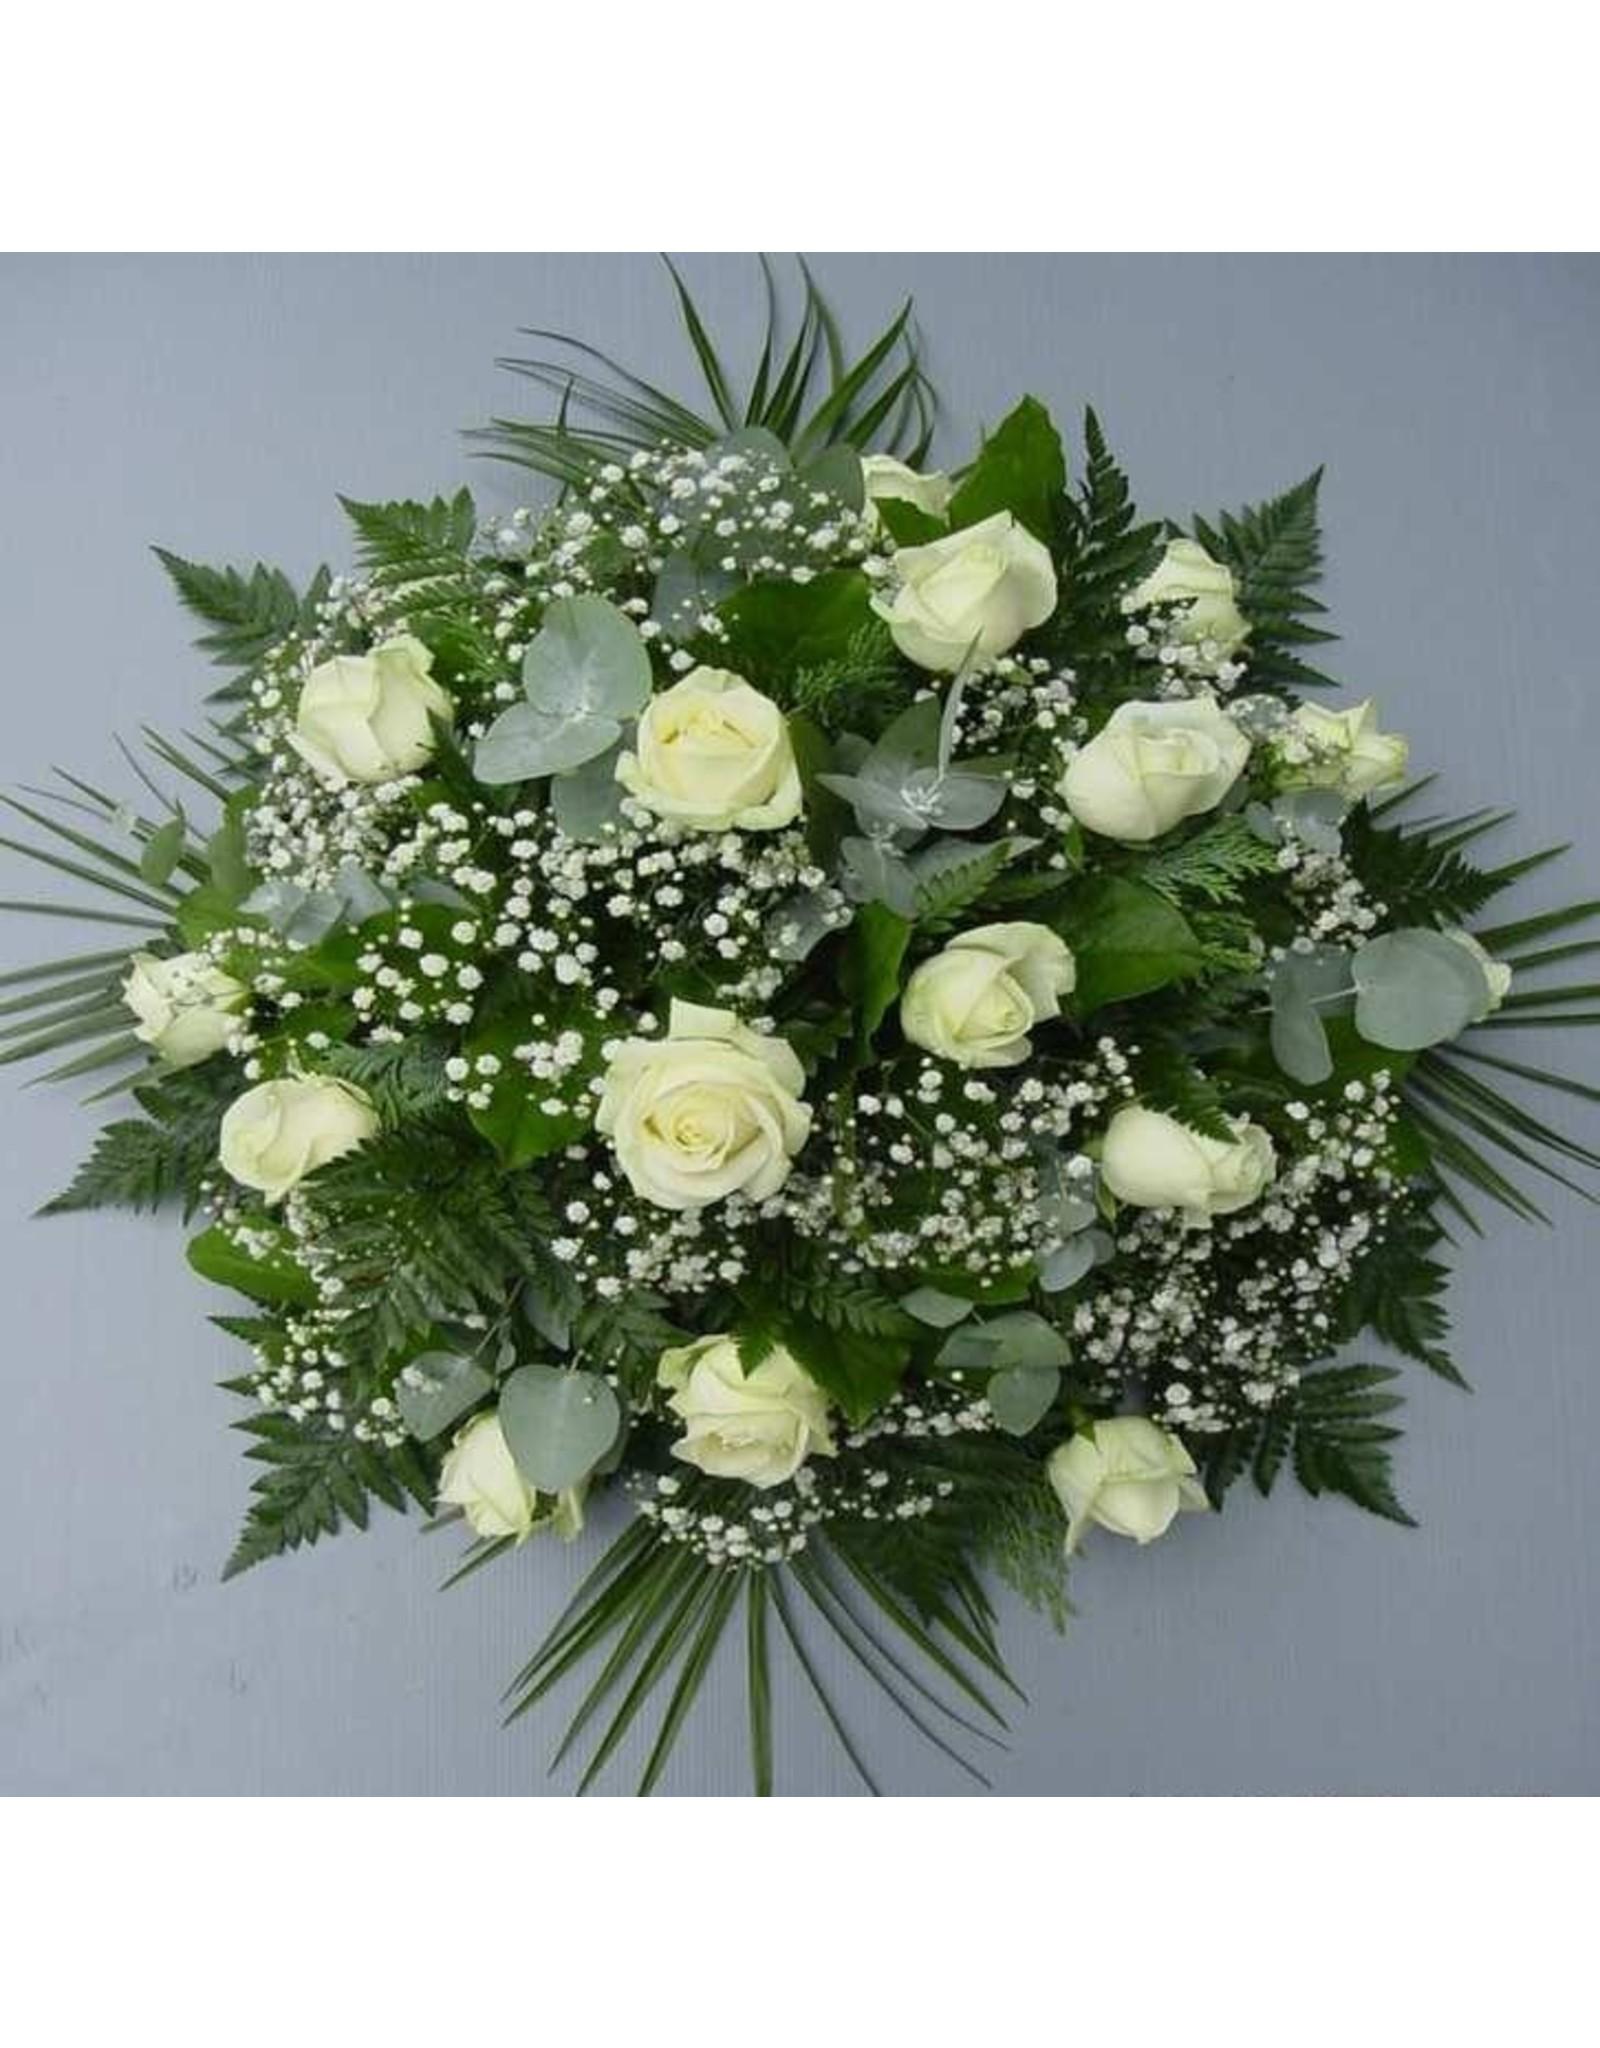 rond bloemstuk met groene vulling